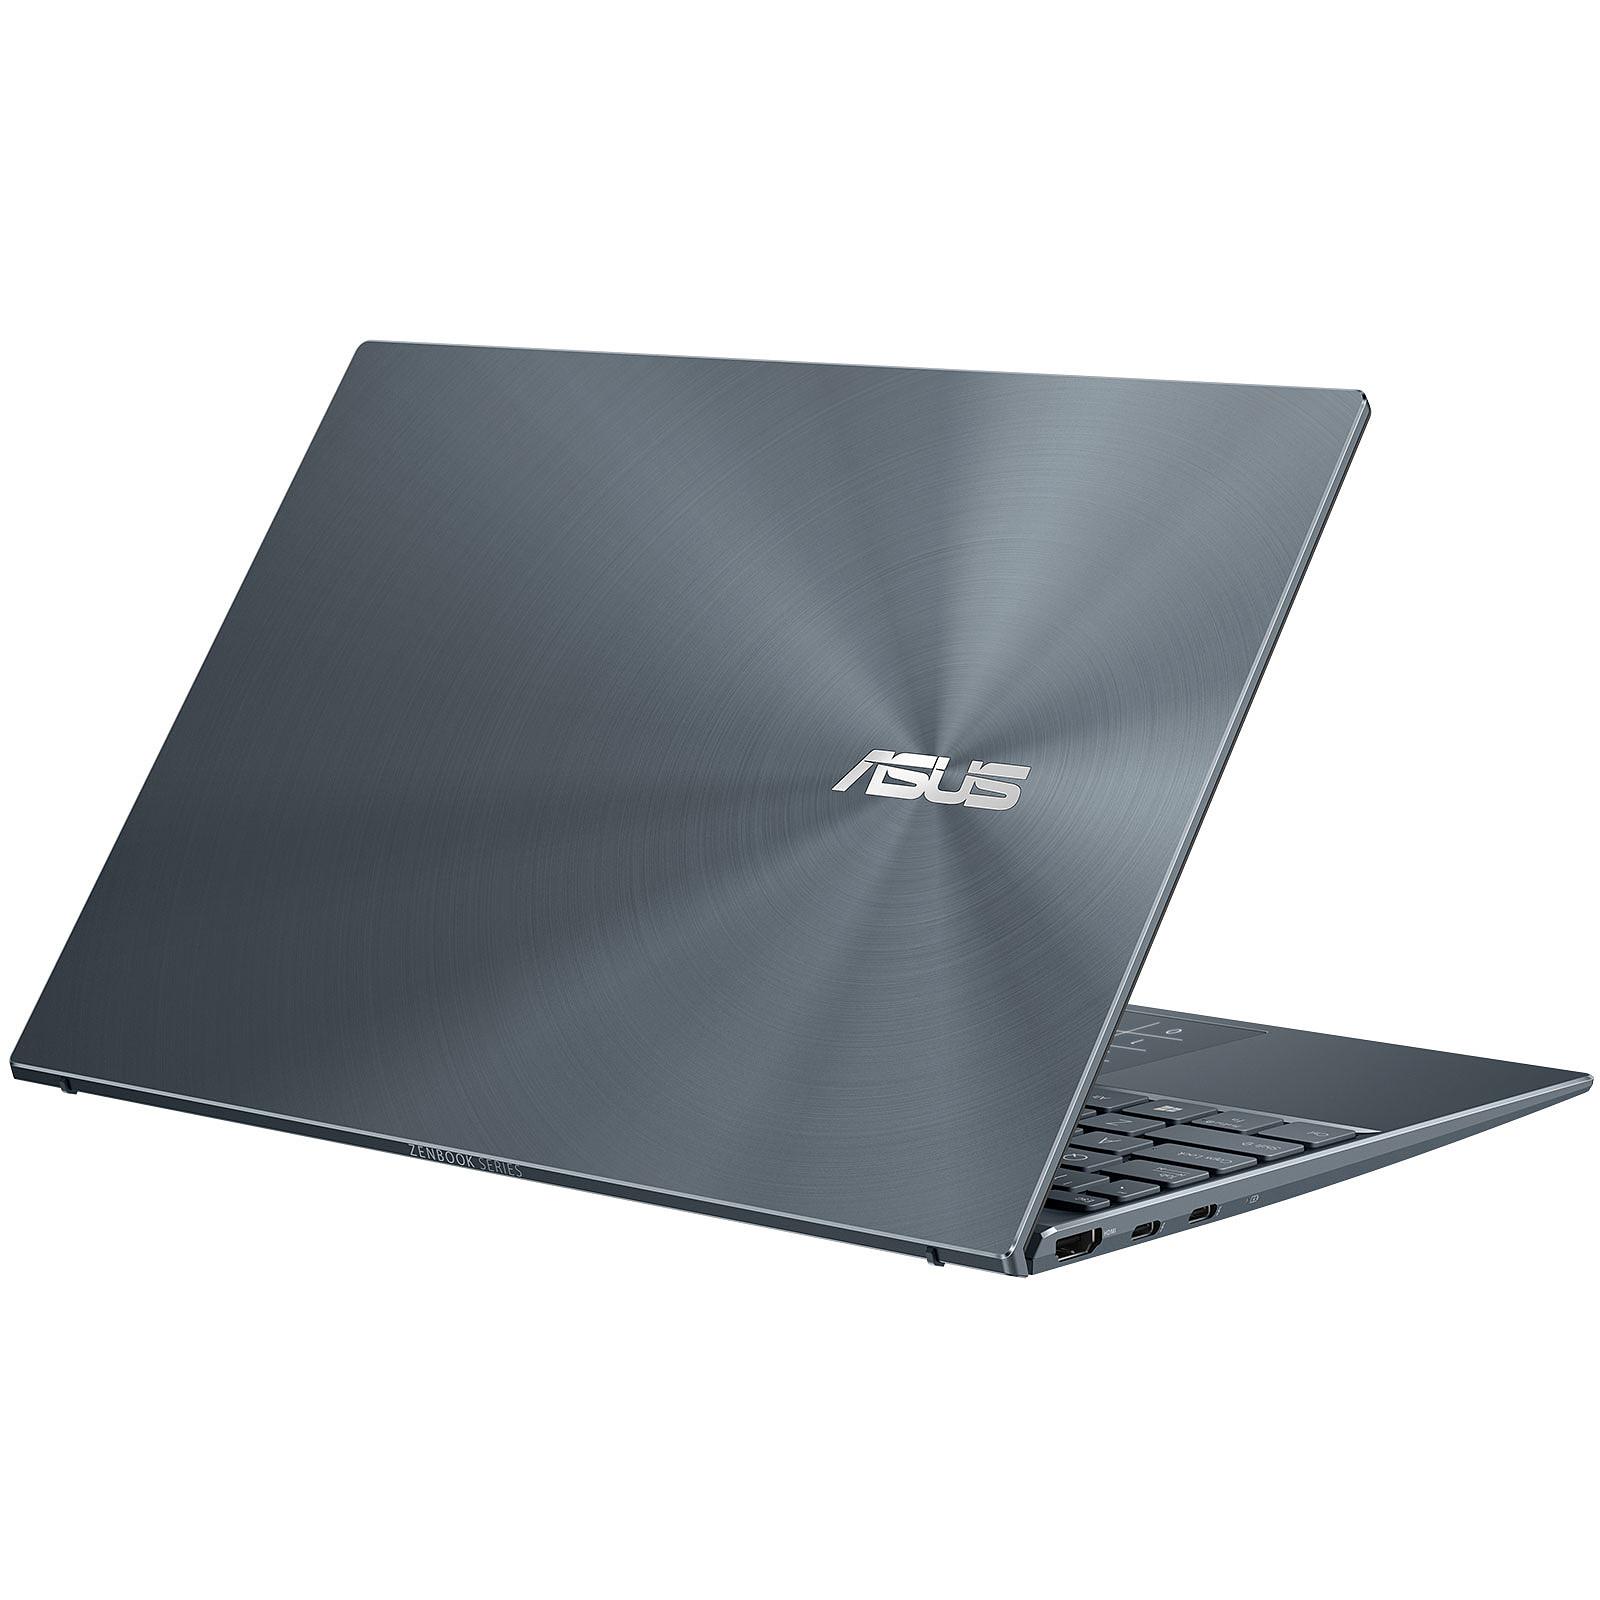 Asus 90NB0QY1-M01160 - PC portable Asus - Cybertek.fr - 1